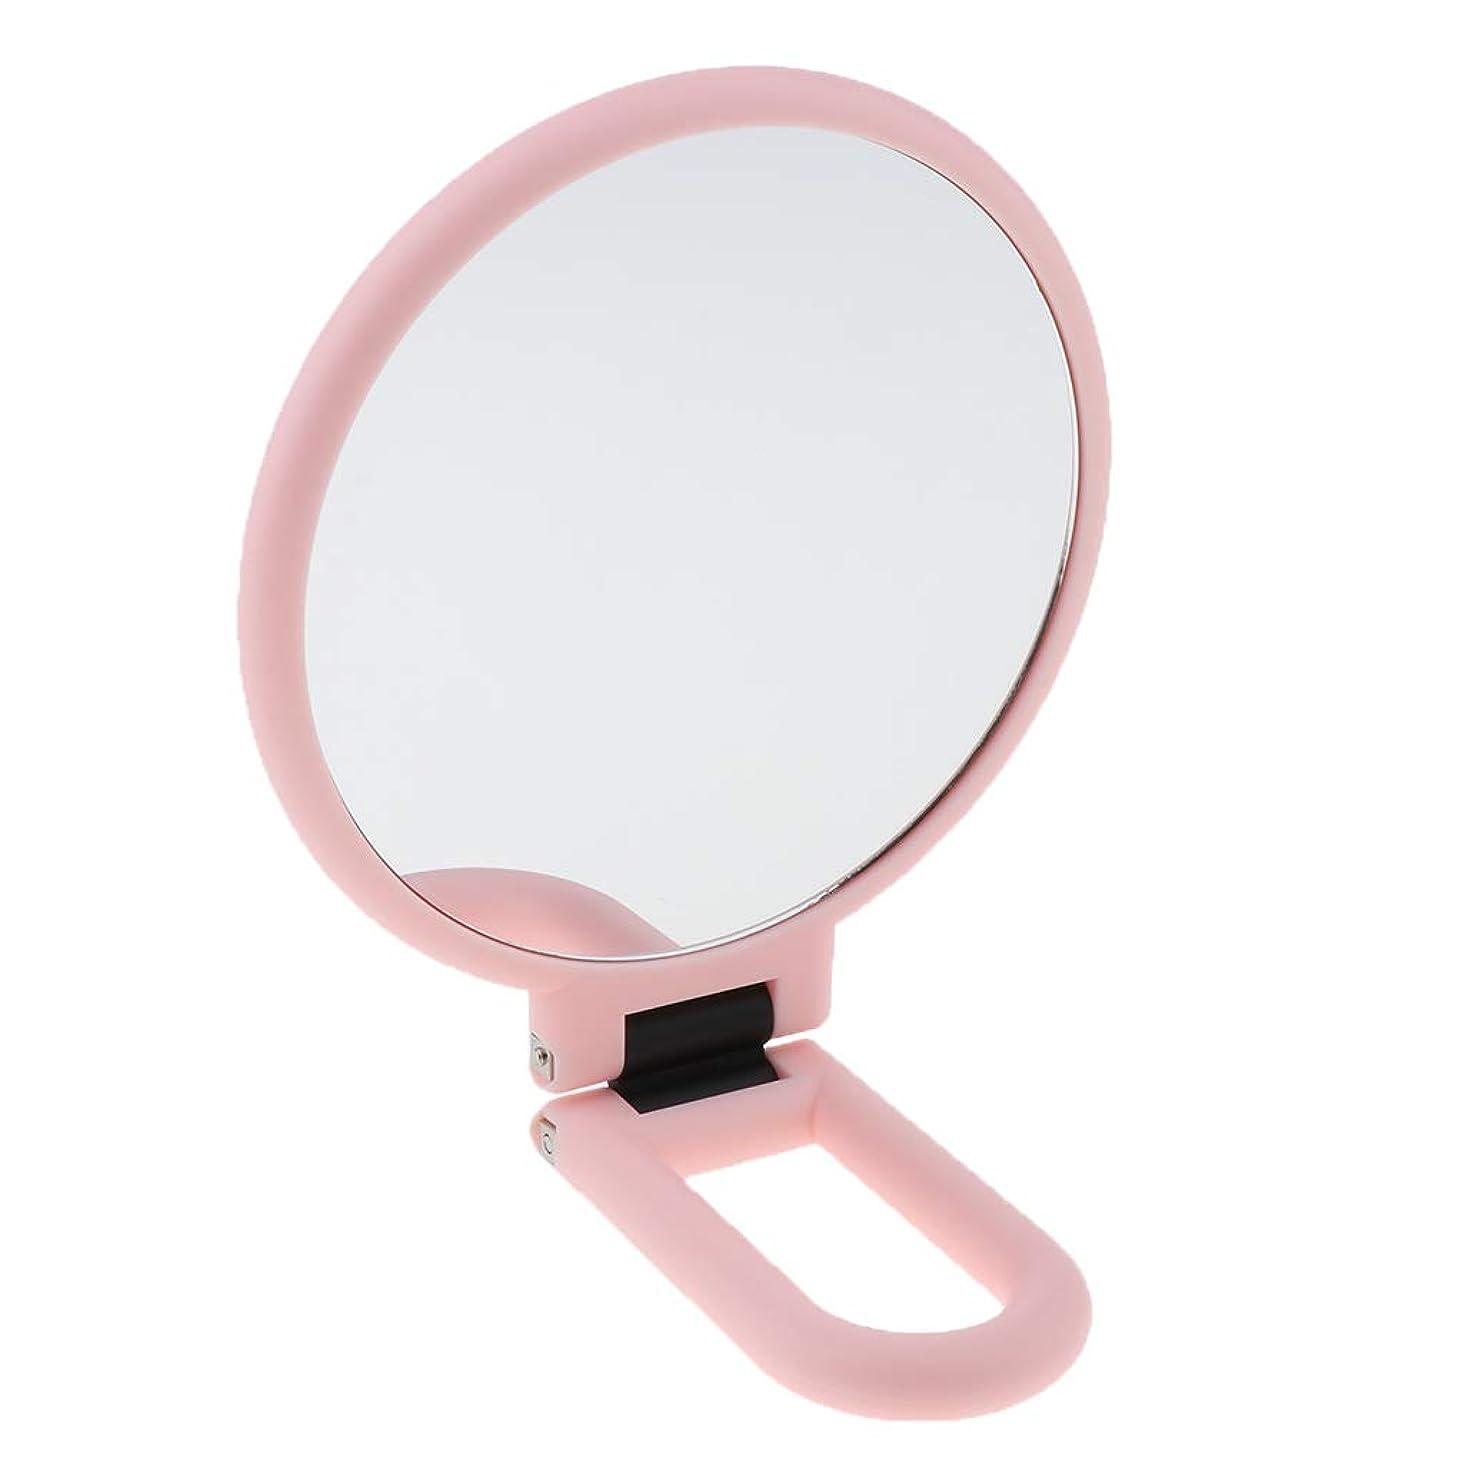 著者版最初CUTICATE 化粧鏡 ミラー 化粧ミラー 折りたたみ式 両面 拡大鏡 全3選択 - 2倍拡大